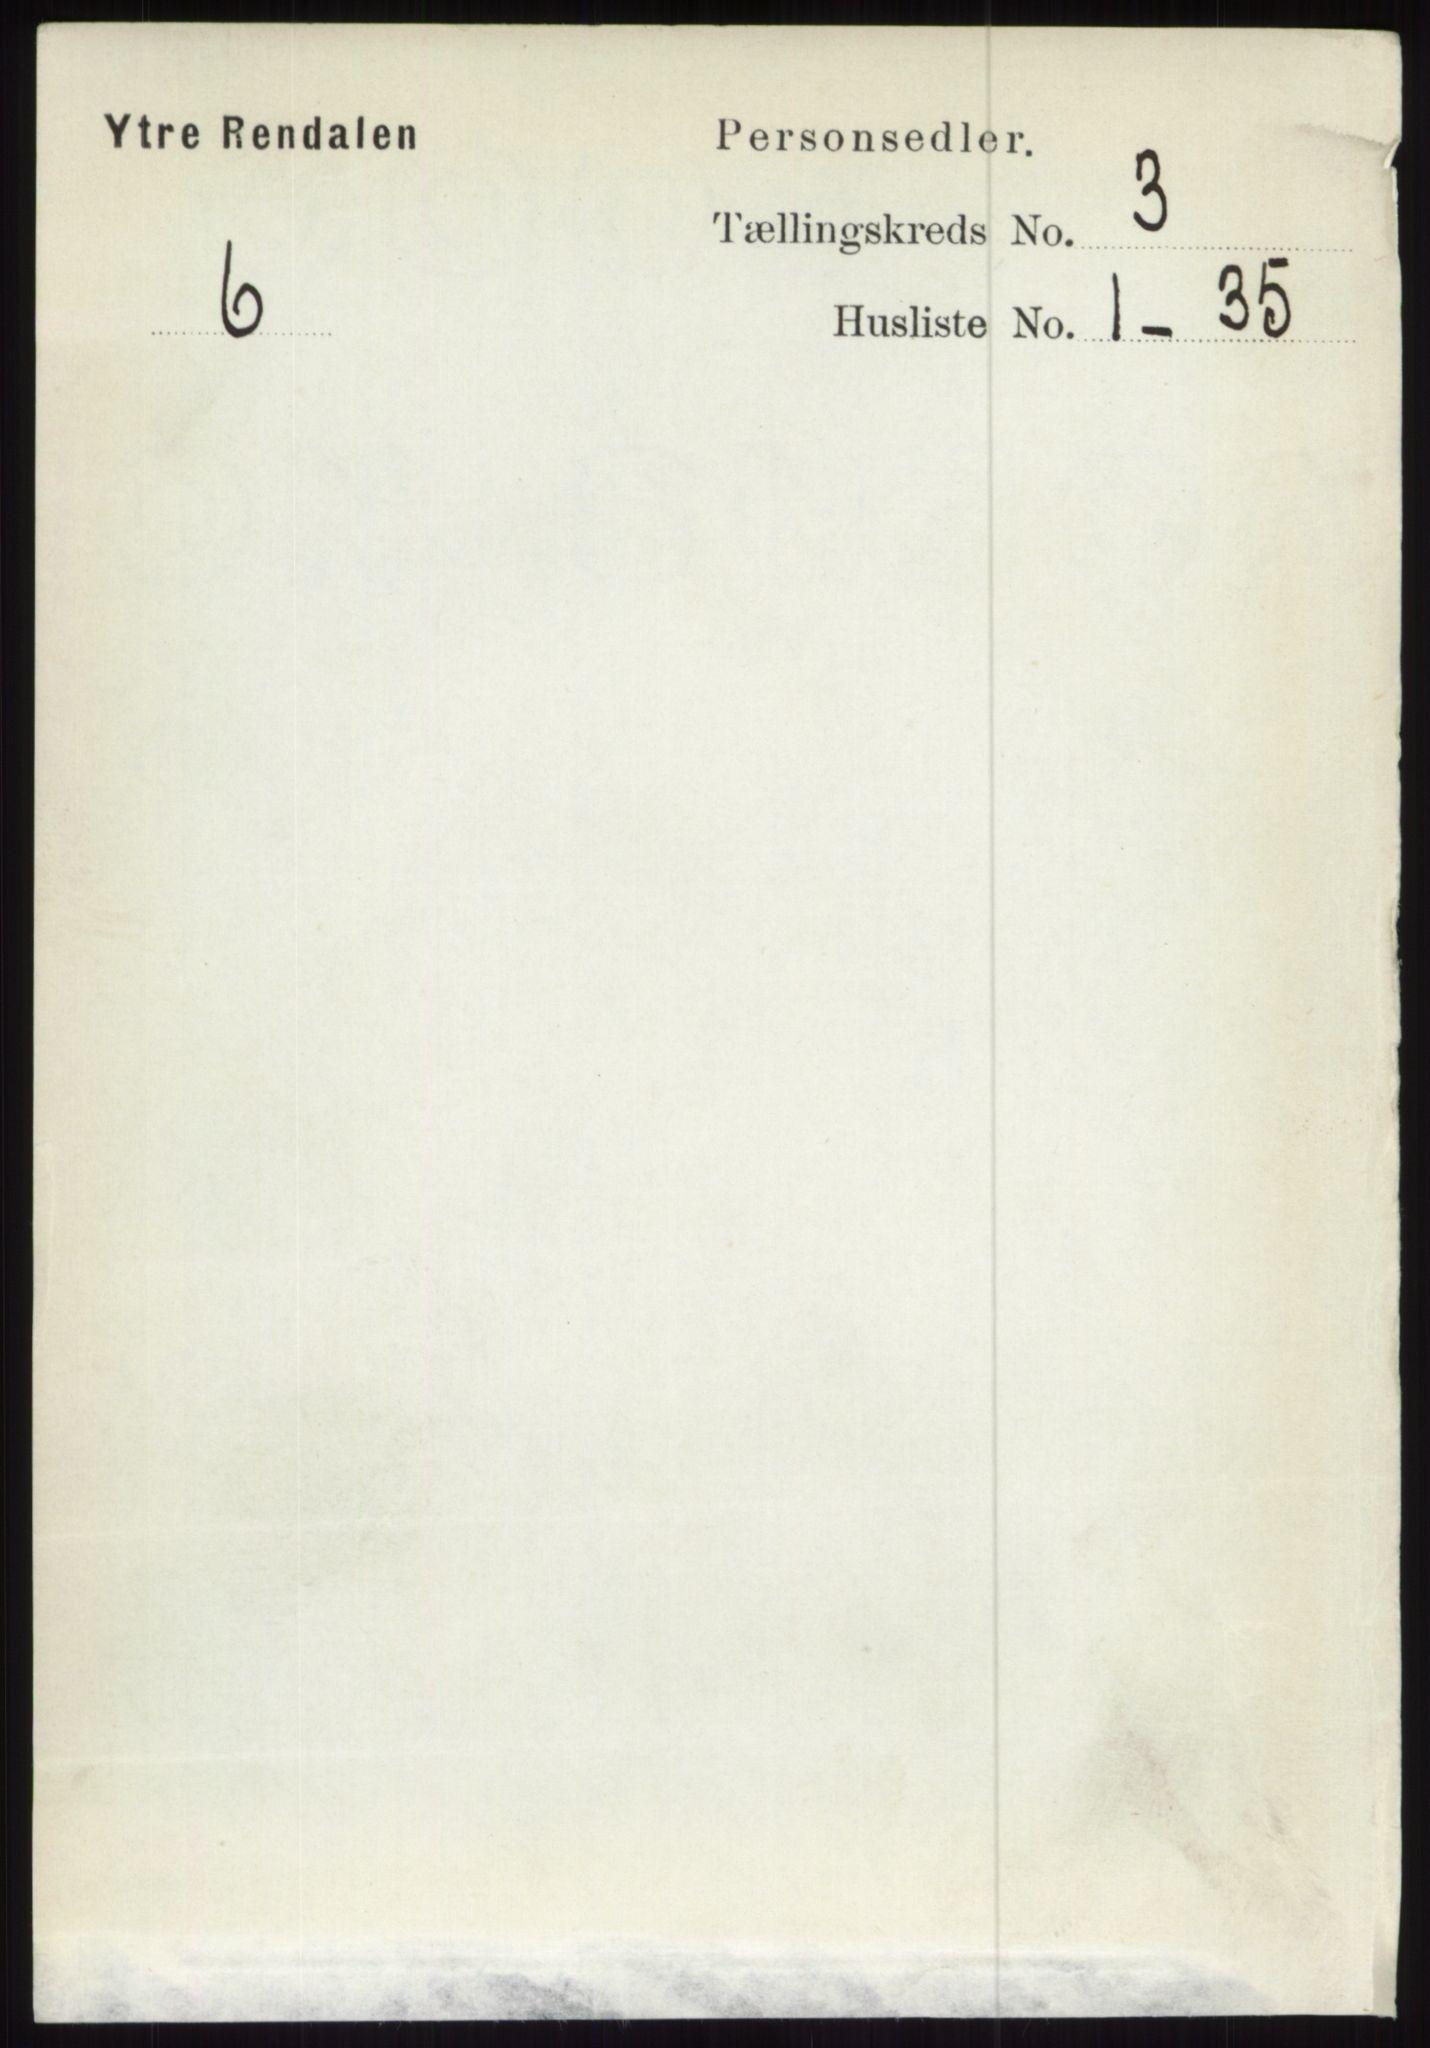 RA, Folketelling 1891 for 0432 Ytre Rendal herred, 1891, s. 445